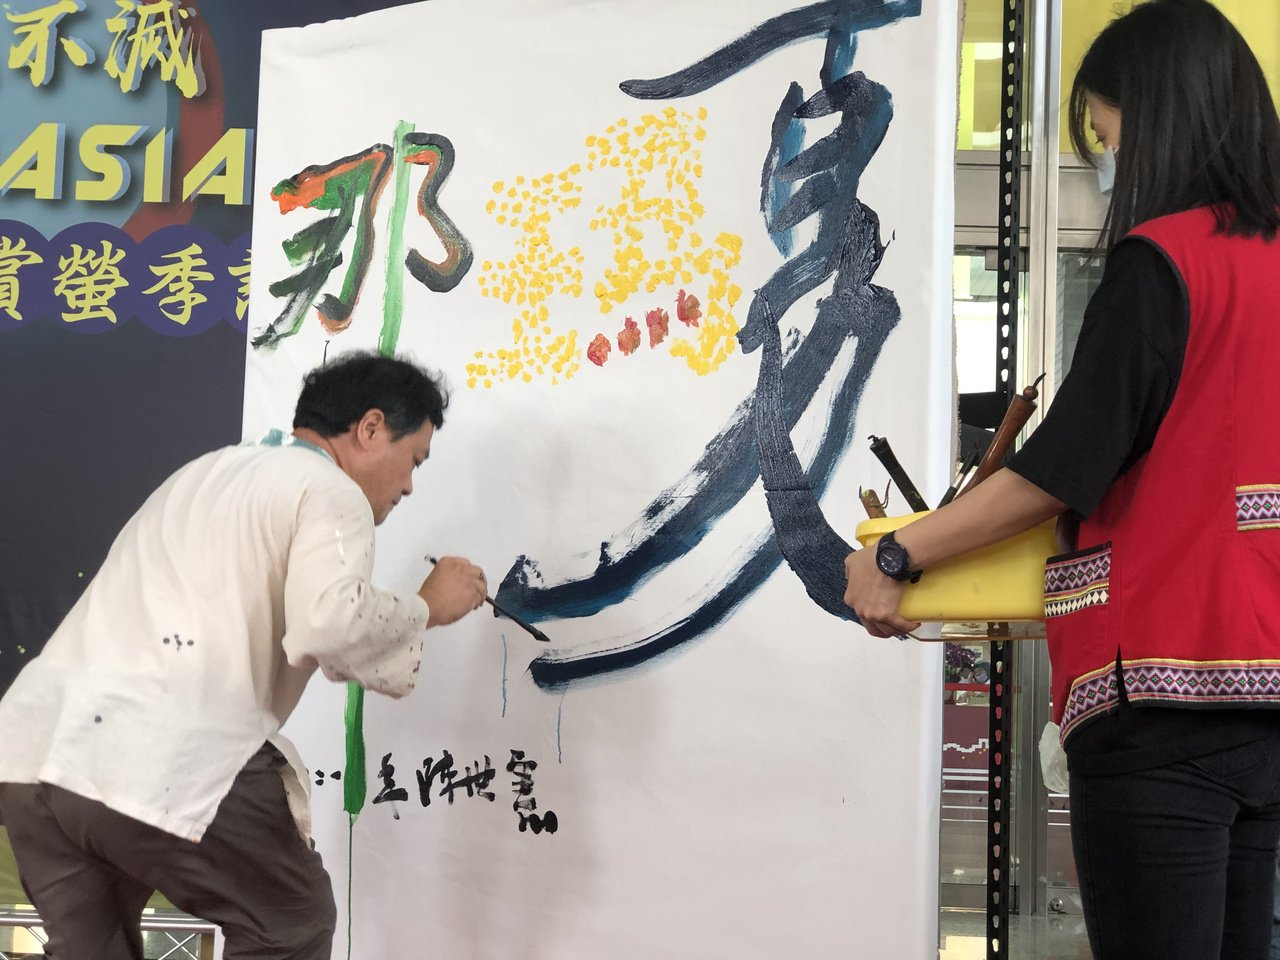 意象書法大師陳世憲寫出「那瑪夏」獨特意境。 圖/王慧瑛 攝影